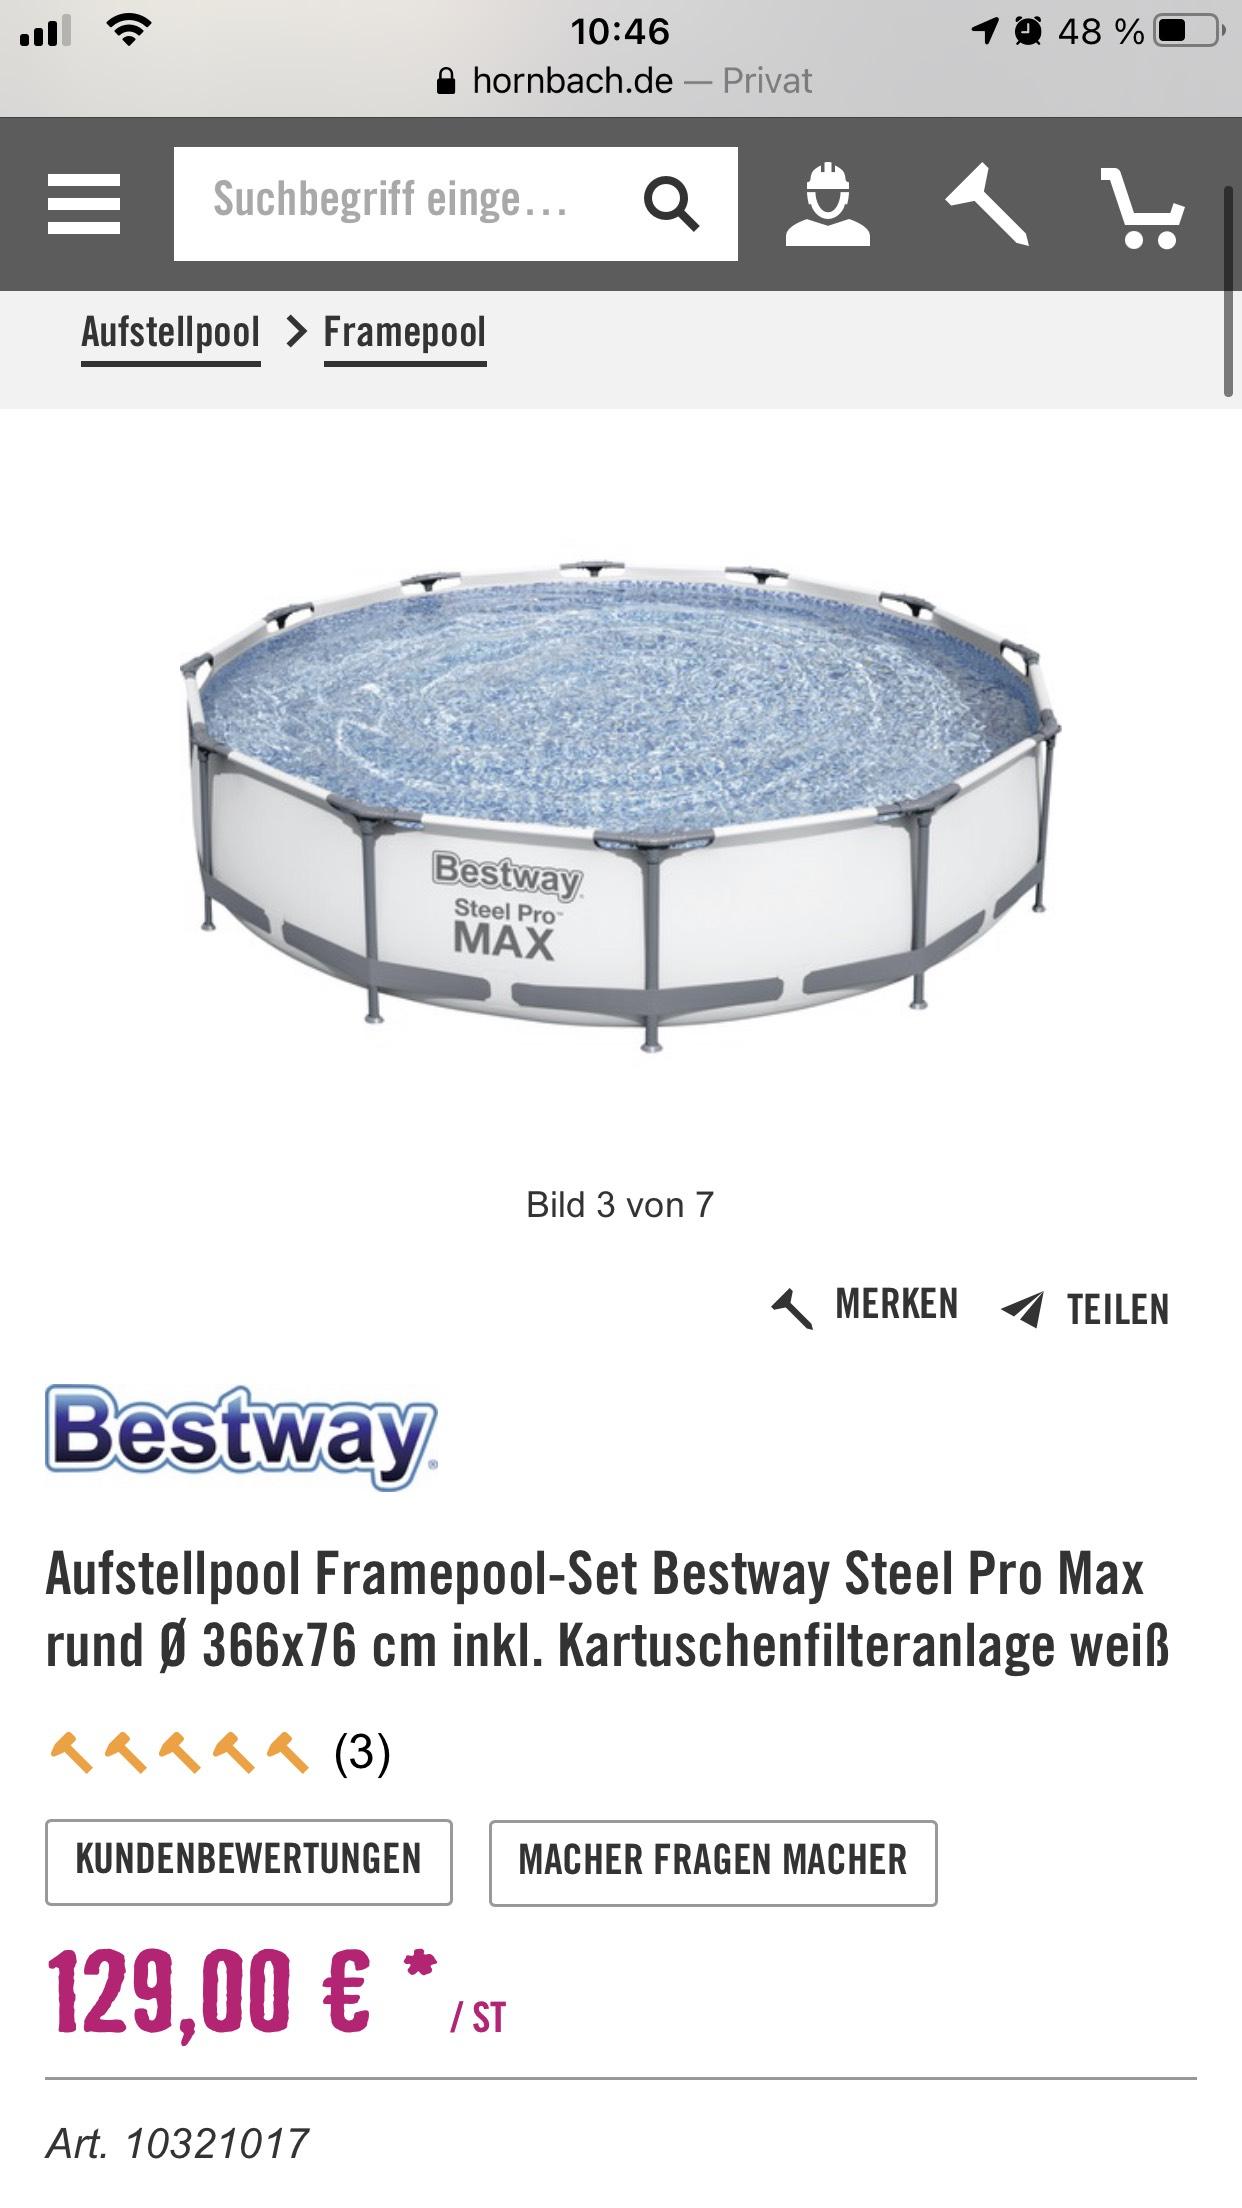 Bestway Steel Pro Max 366x76 inkl. Kartuschenfilter